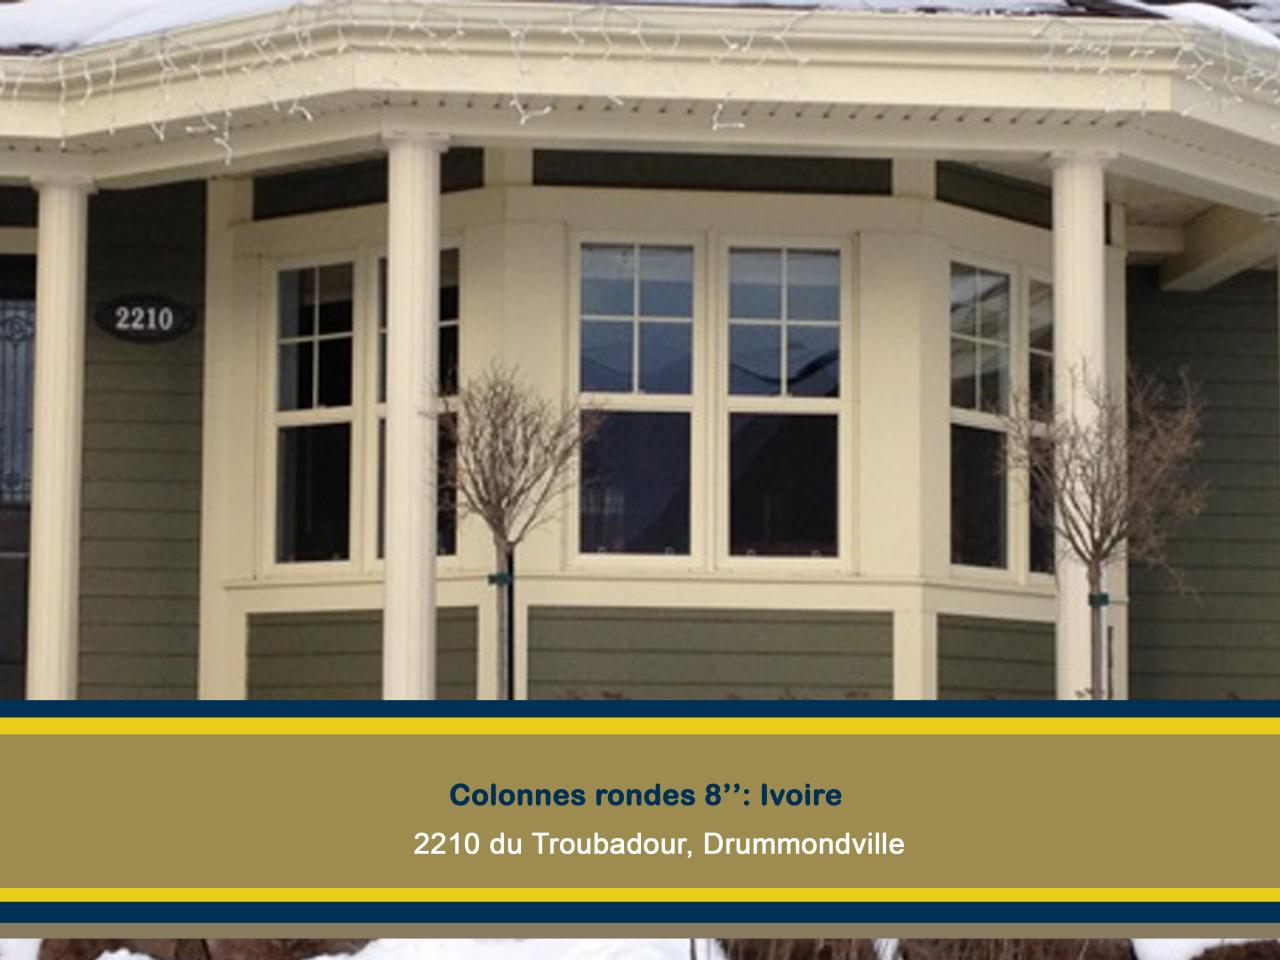 Colonnes rondes Ivoire 2210 du Troubadour